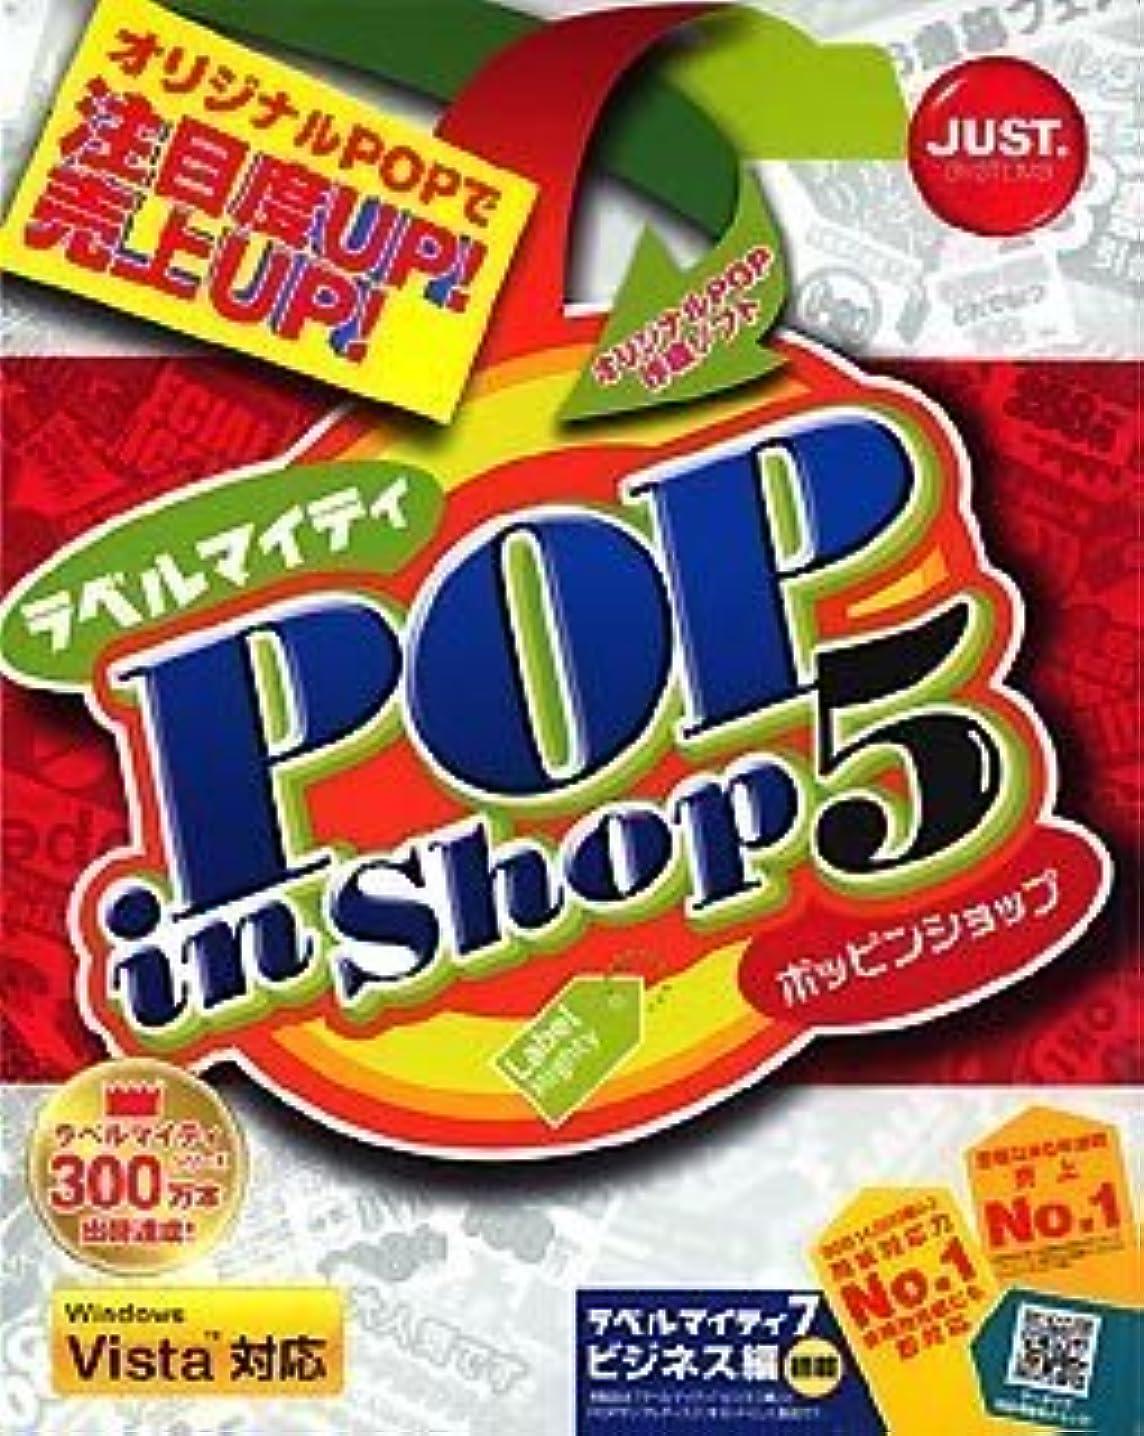 小石スパーク最も遠いラベルマイティ POP in Shop5 通常版